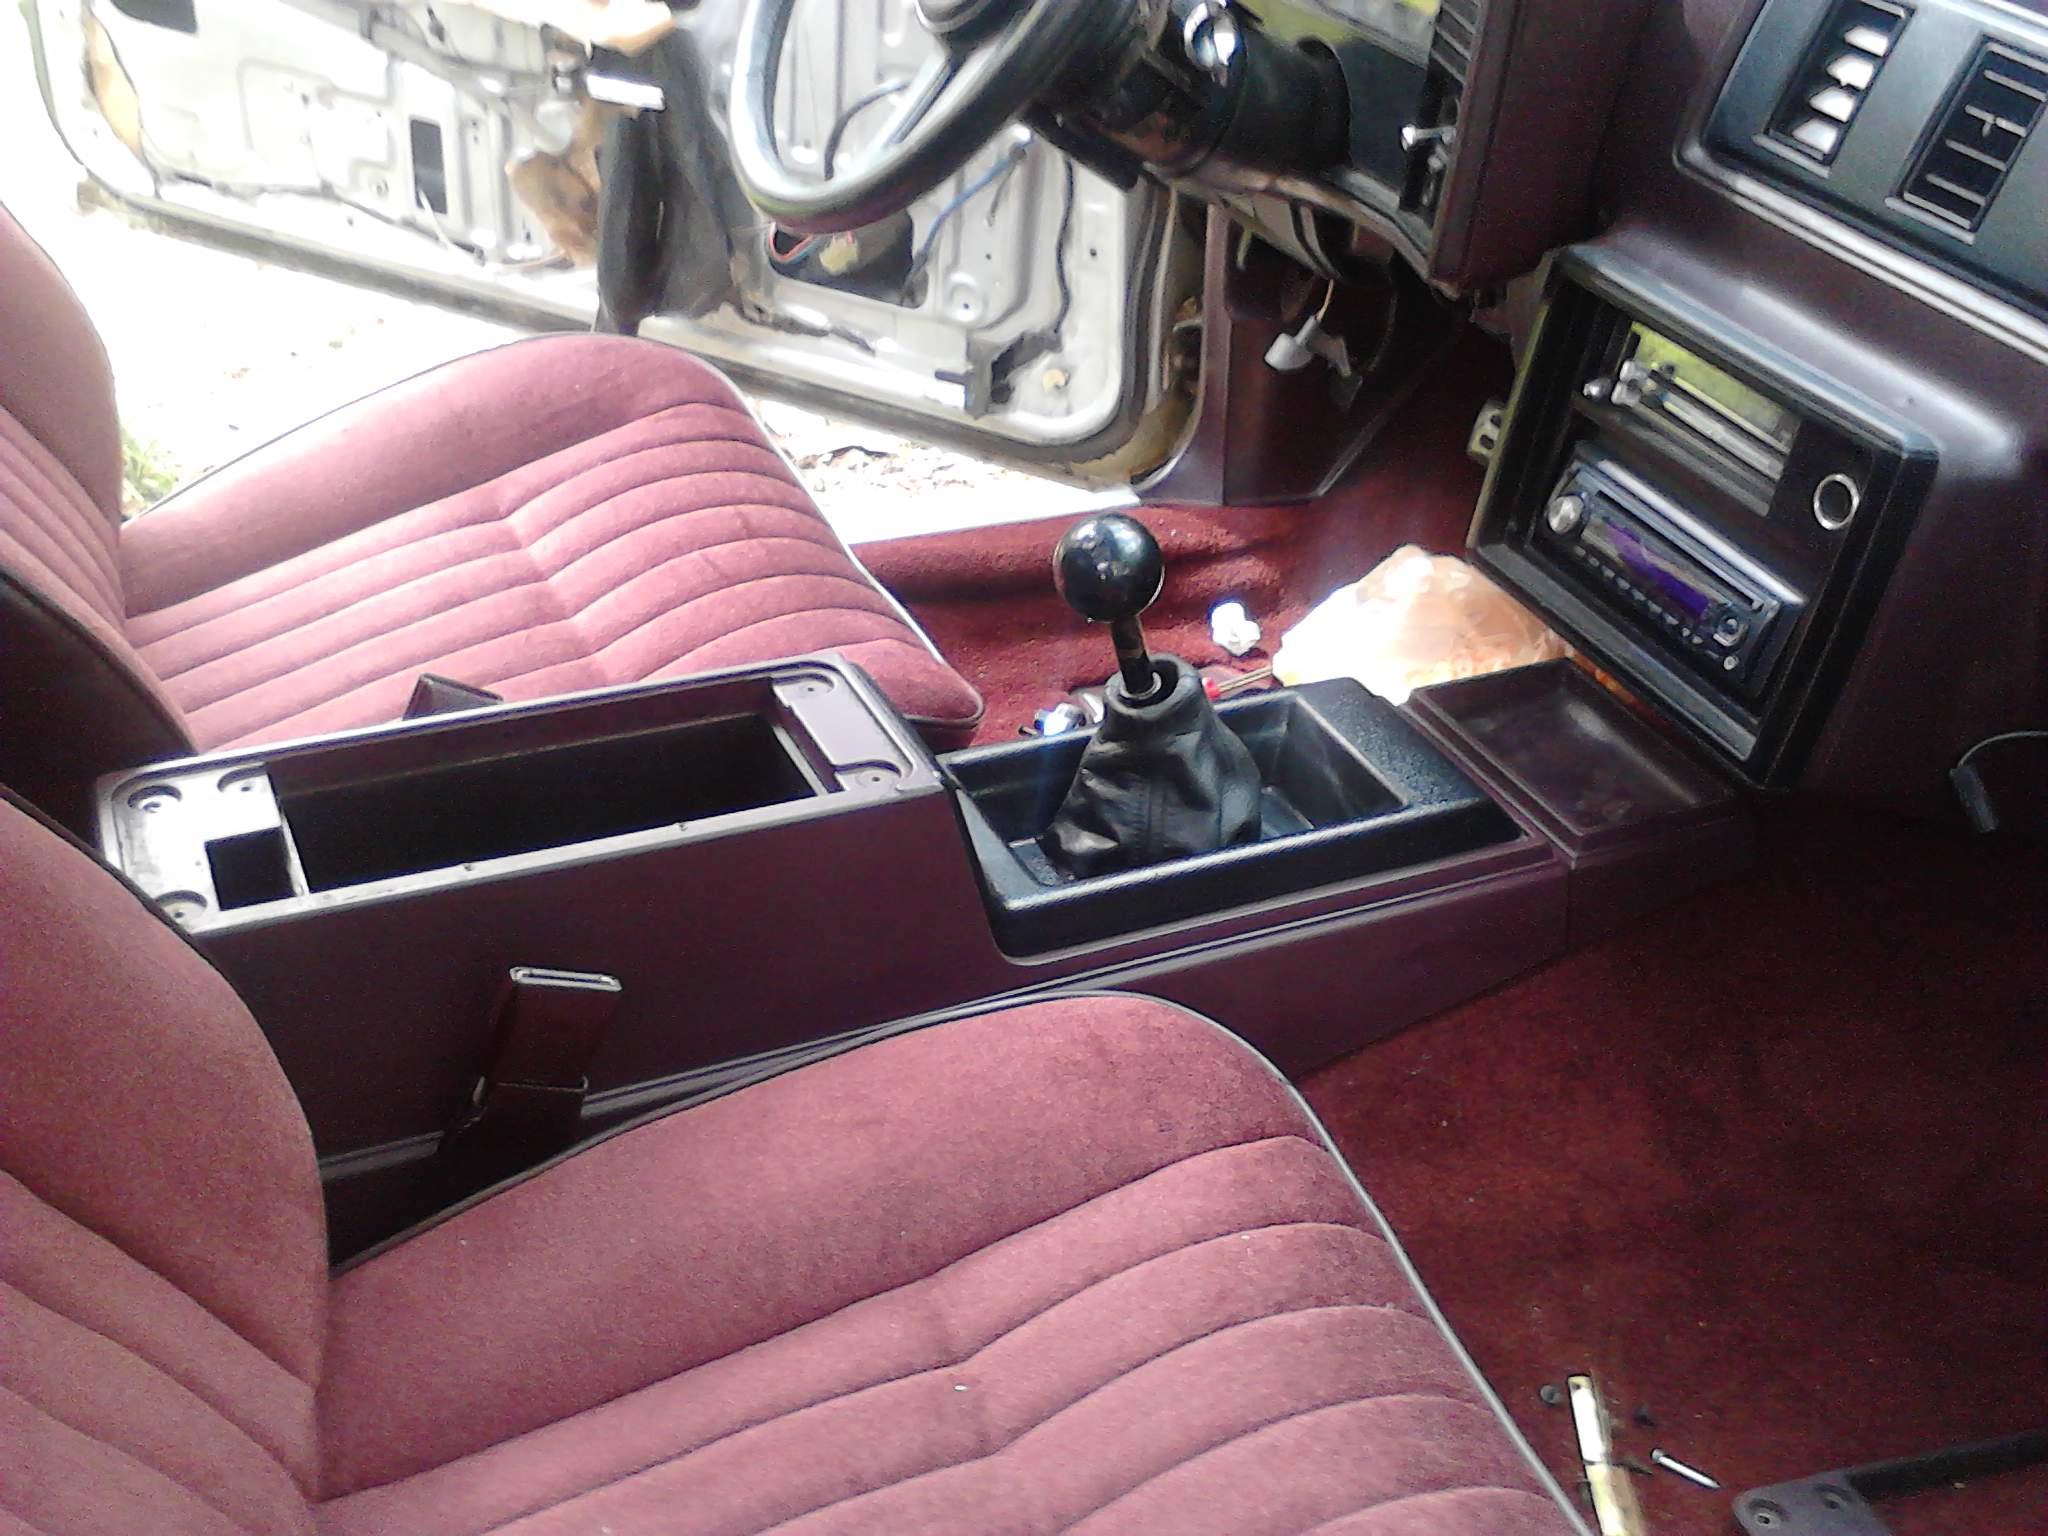 monte carlo manual various owner manual guide u2022 rh justk co 79 Monte Carlo 85 monte carlo ss service manual